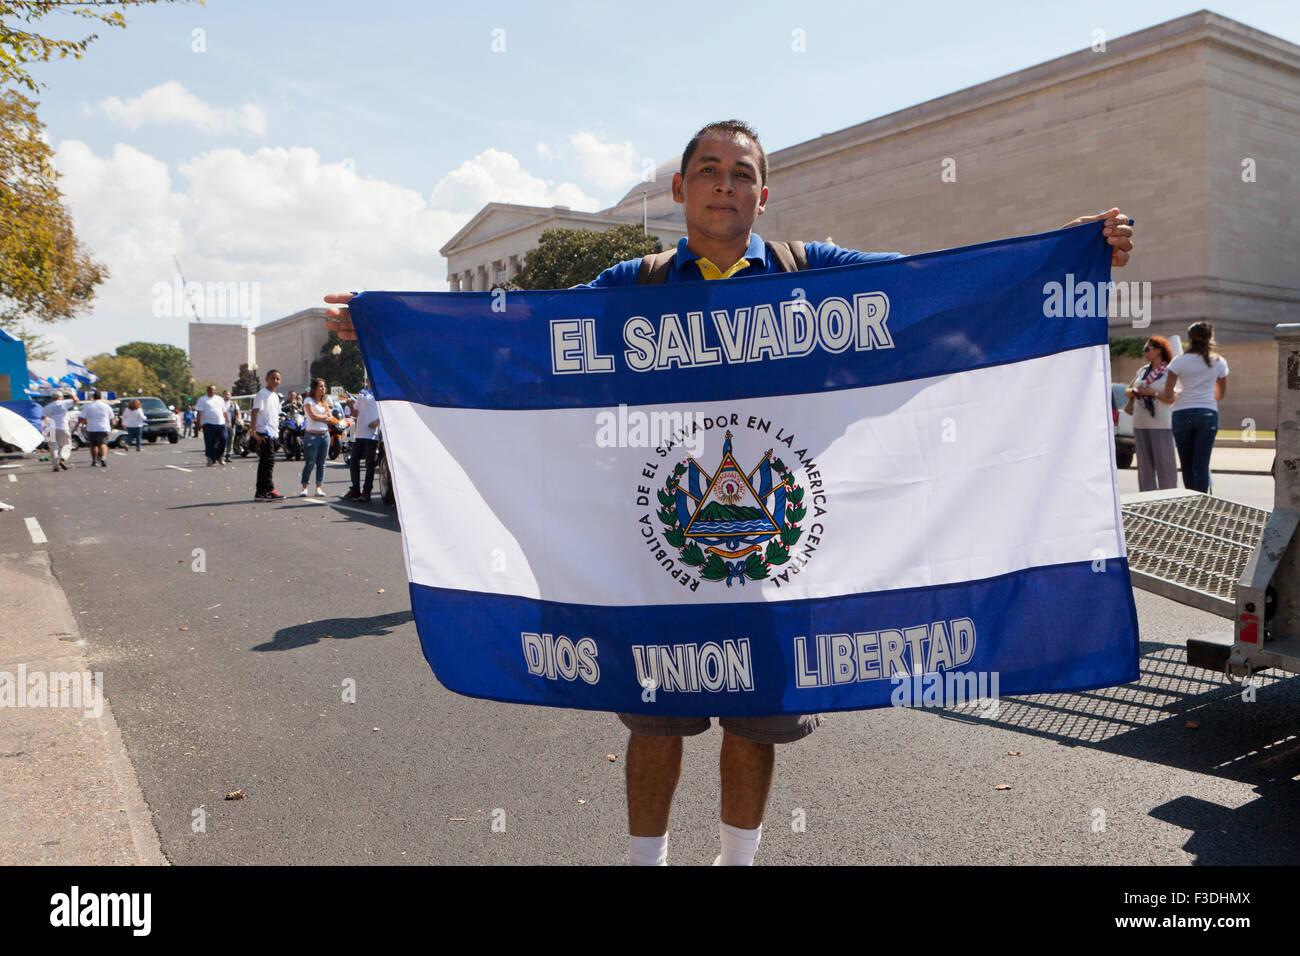 Uomo con bandiera di El Salvador presso Fiesta DC - Washington DC, Stati Uniti d'America Immagini Stock